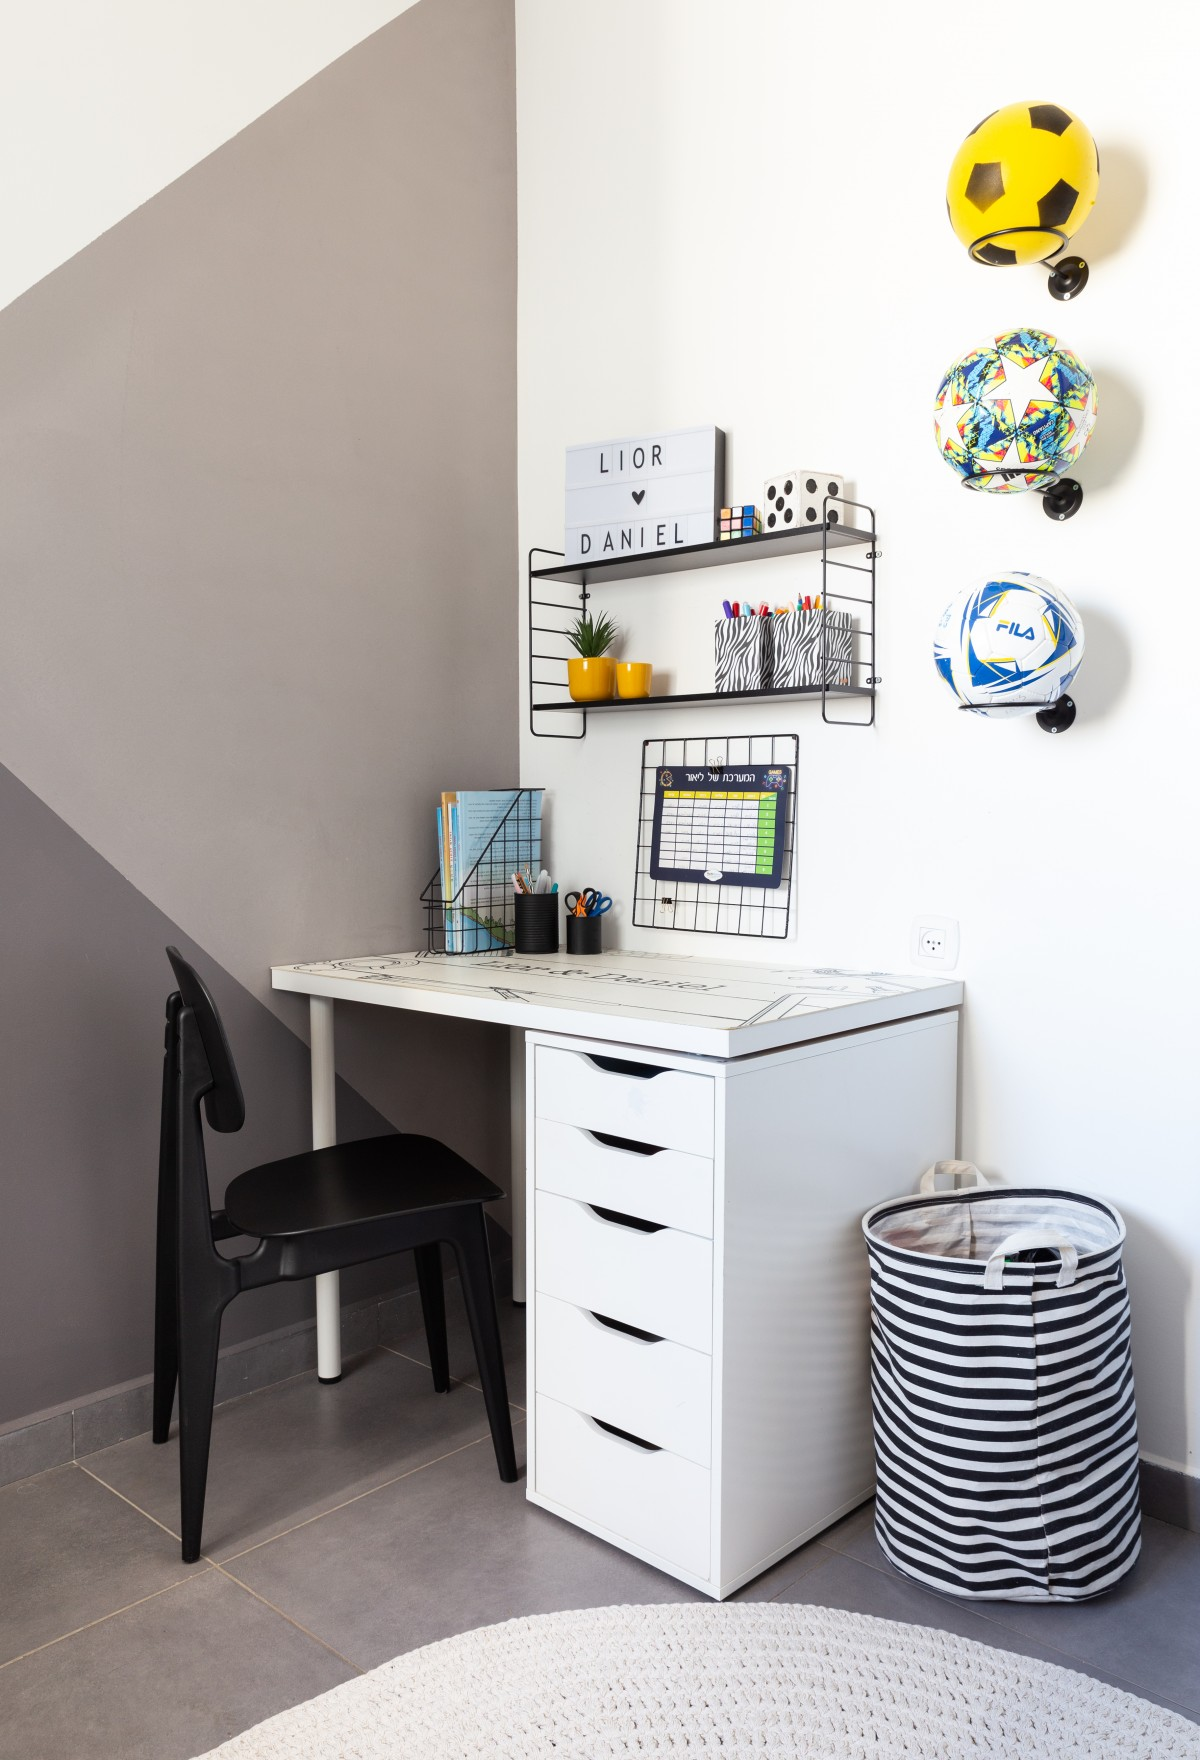 עיצוב חדר לבנים